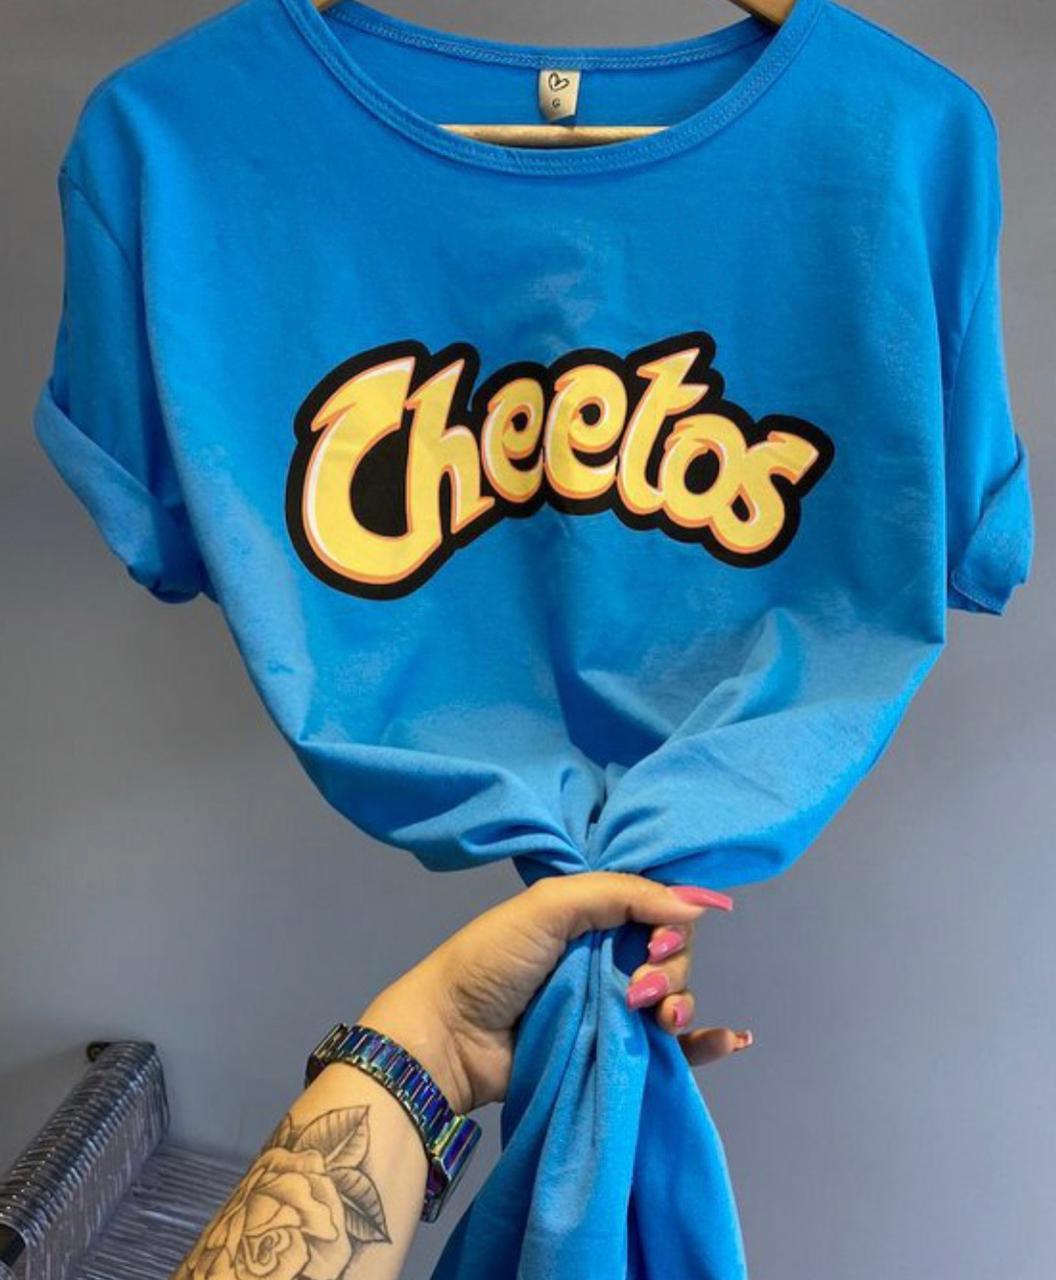 T-shirt MAX CHEETOS